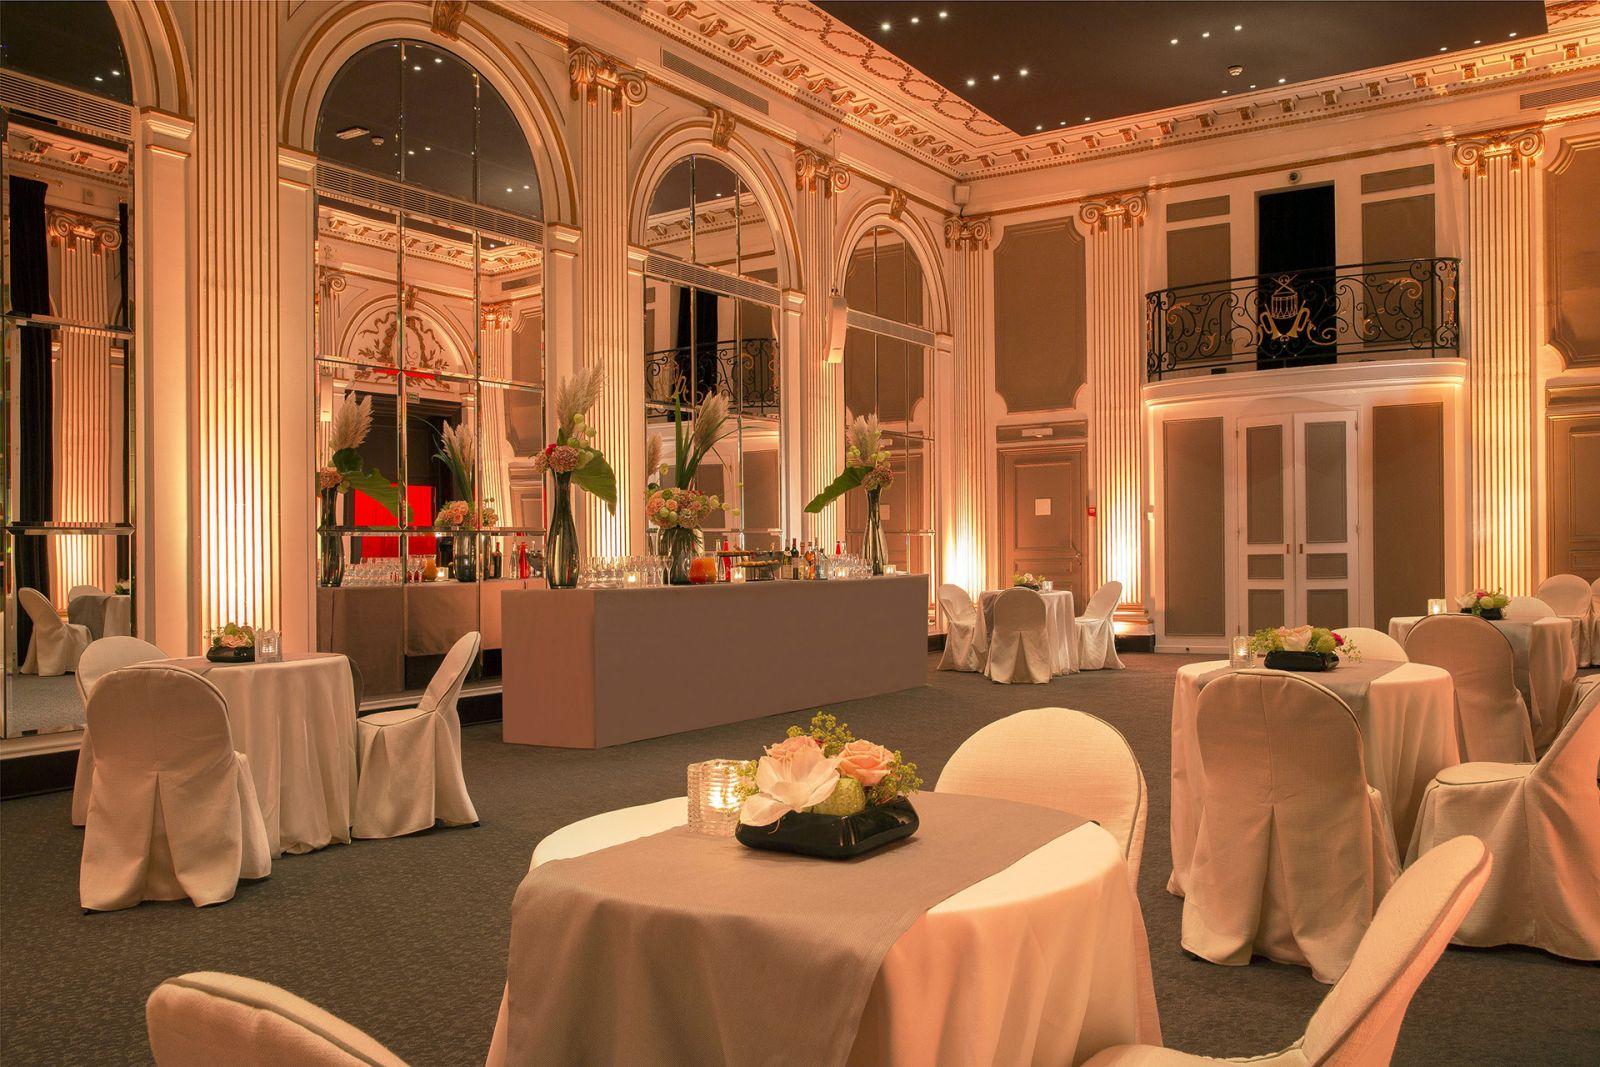 Restaurant gastronomique Paris - Pershing Hall